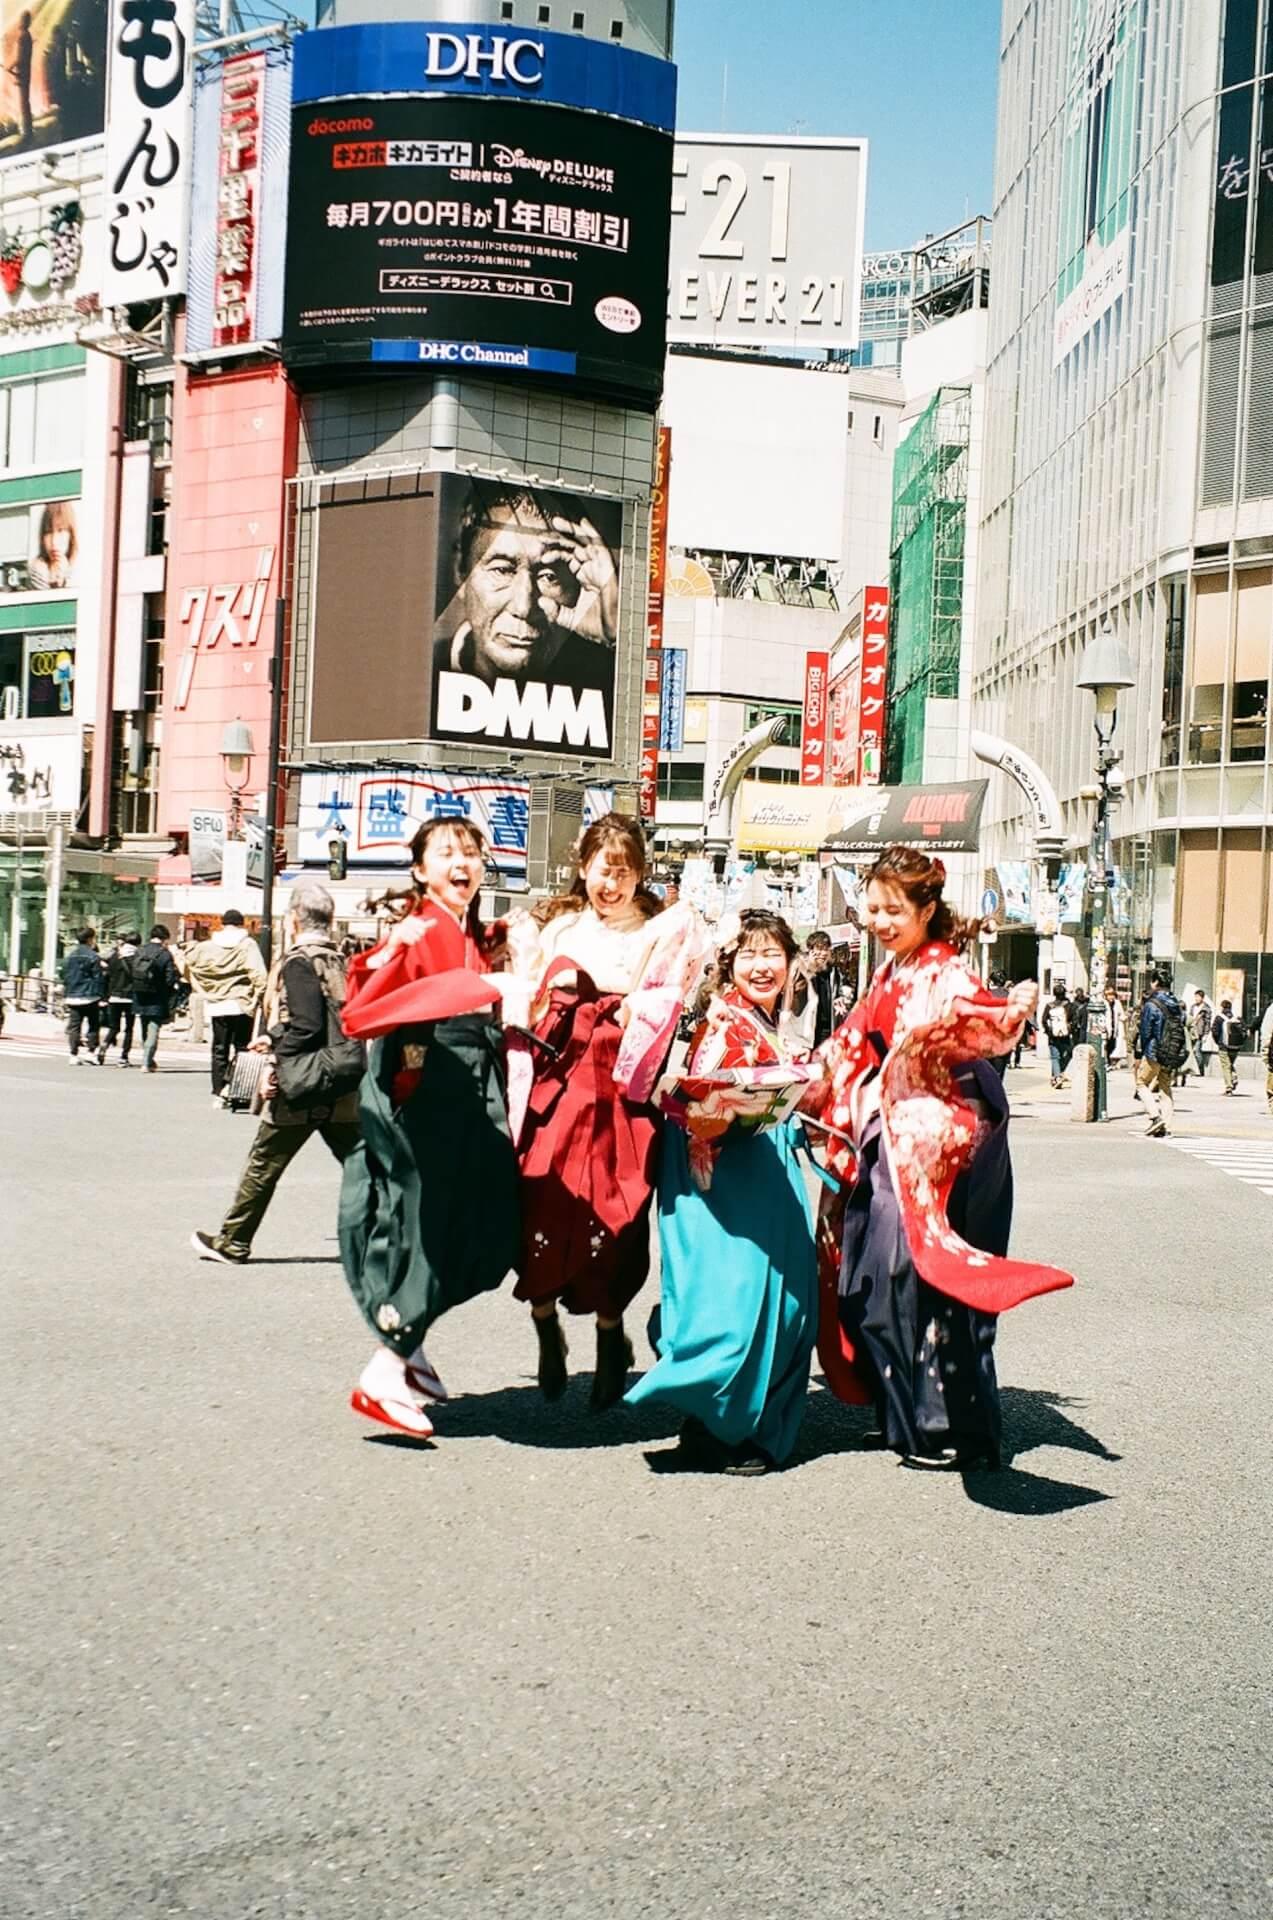 はなむけしゃしん - ぶるじょあ会「渋谷は日本のTOKYO」 art200415_hanamukeshashin5_18